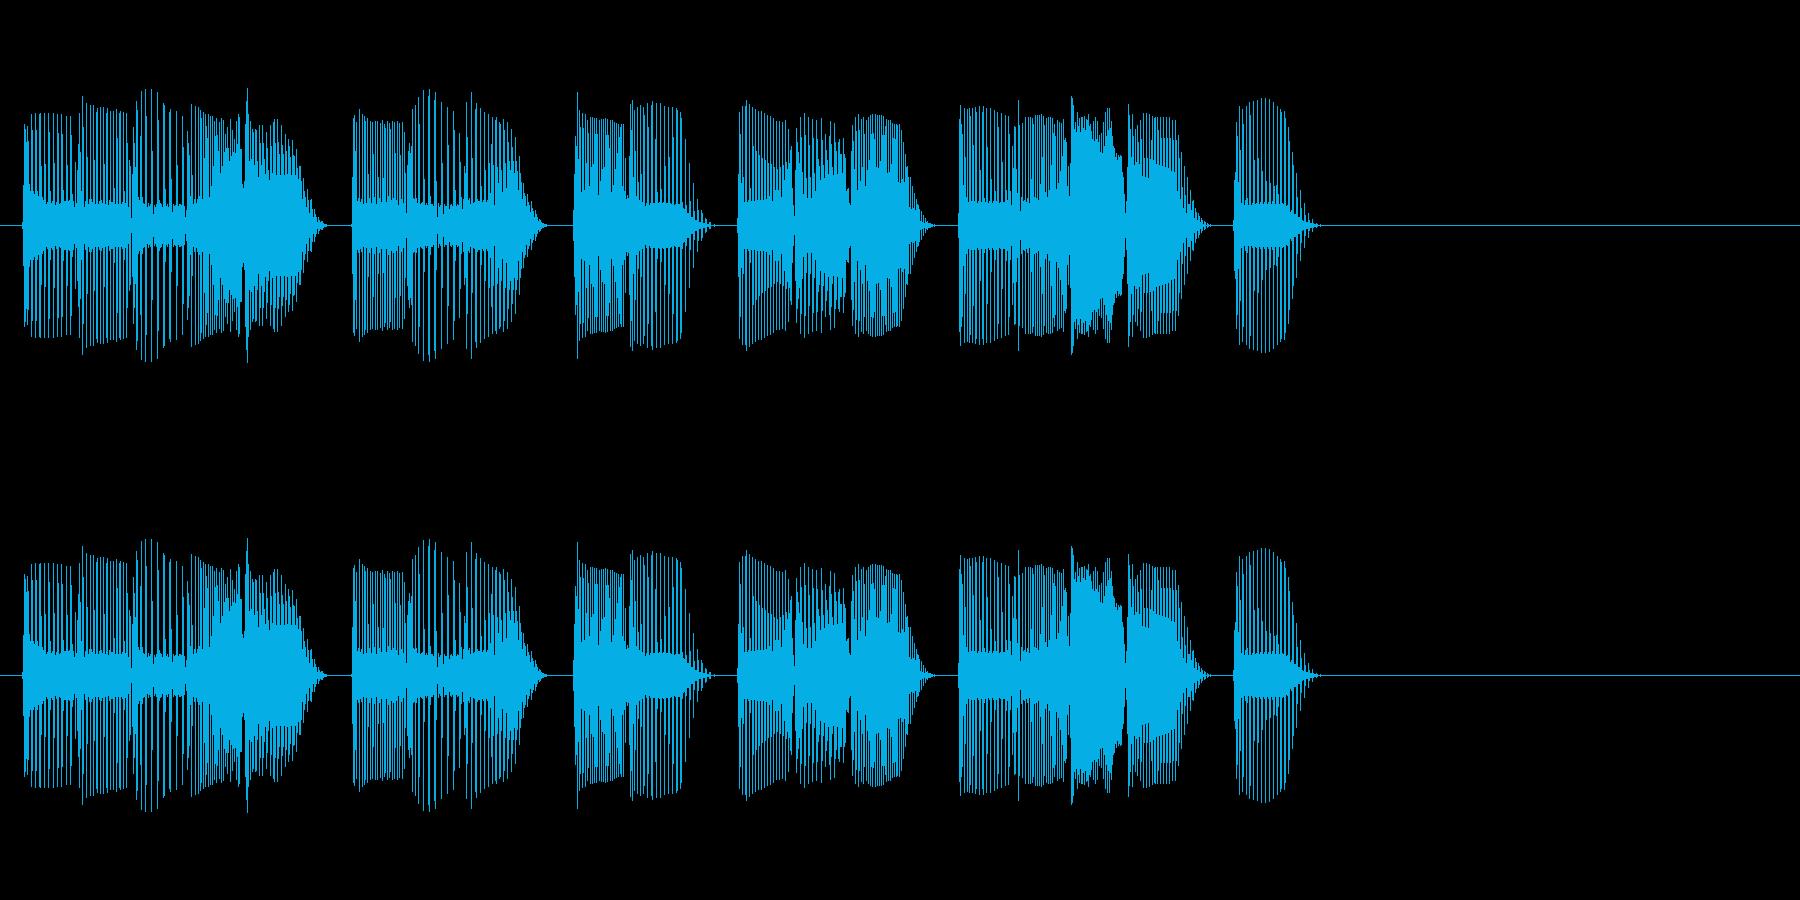 謎の宇宙人が喋る声の再生済みの波形